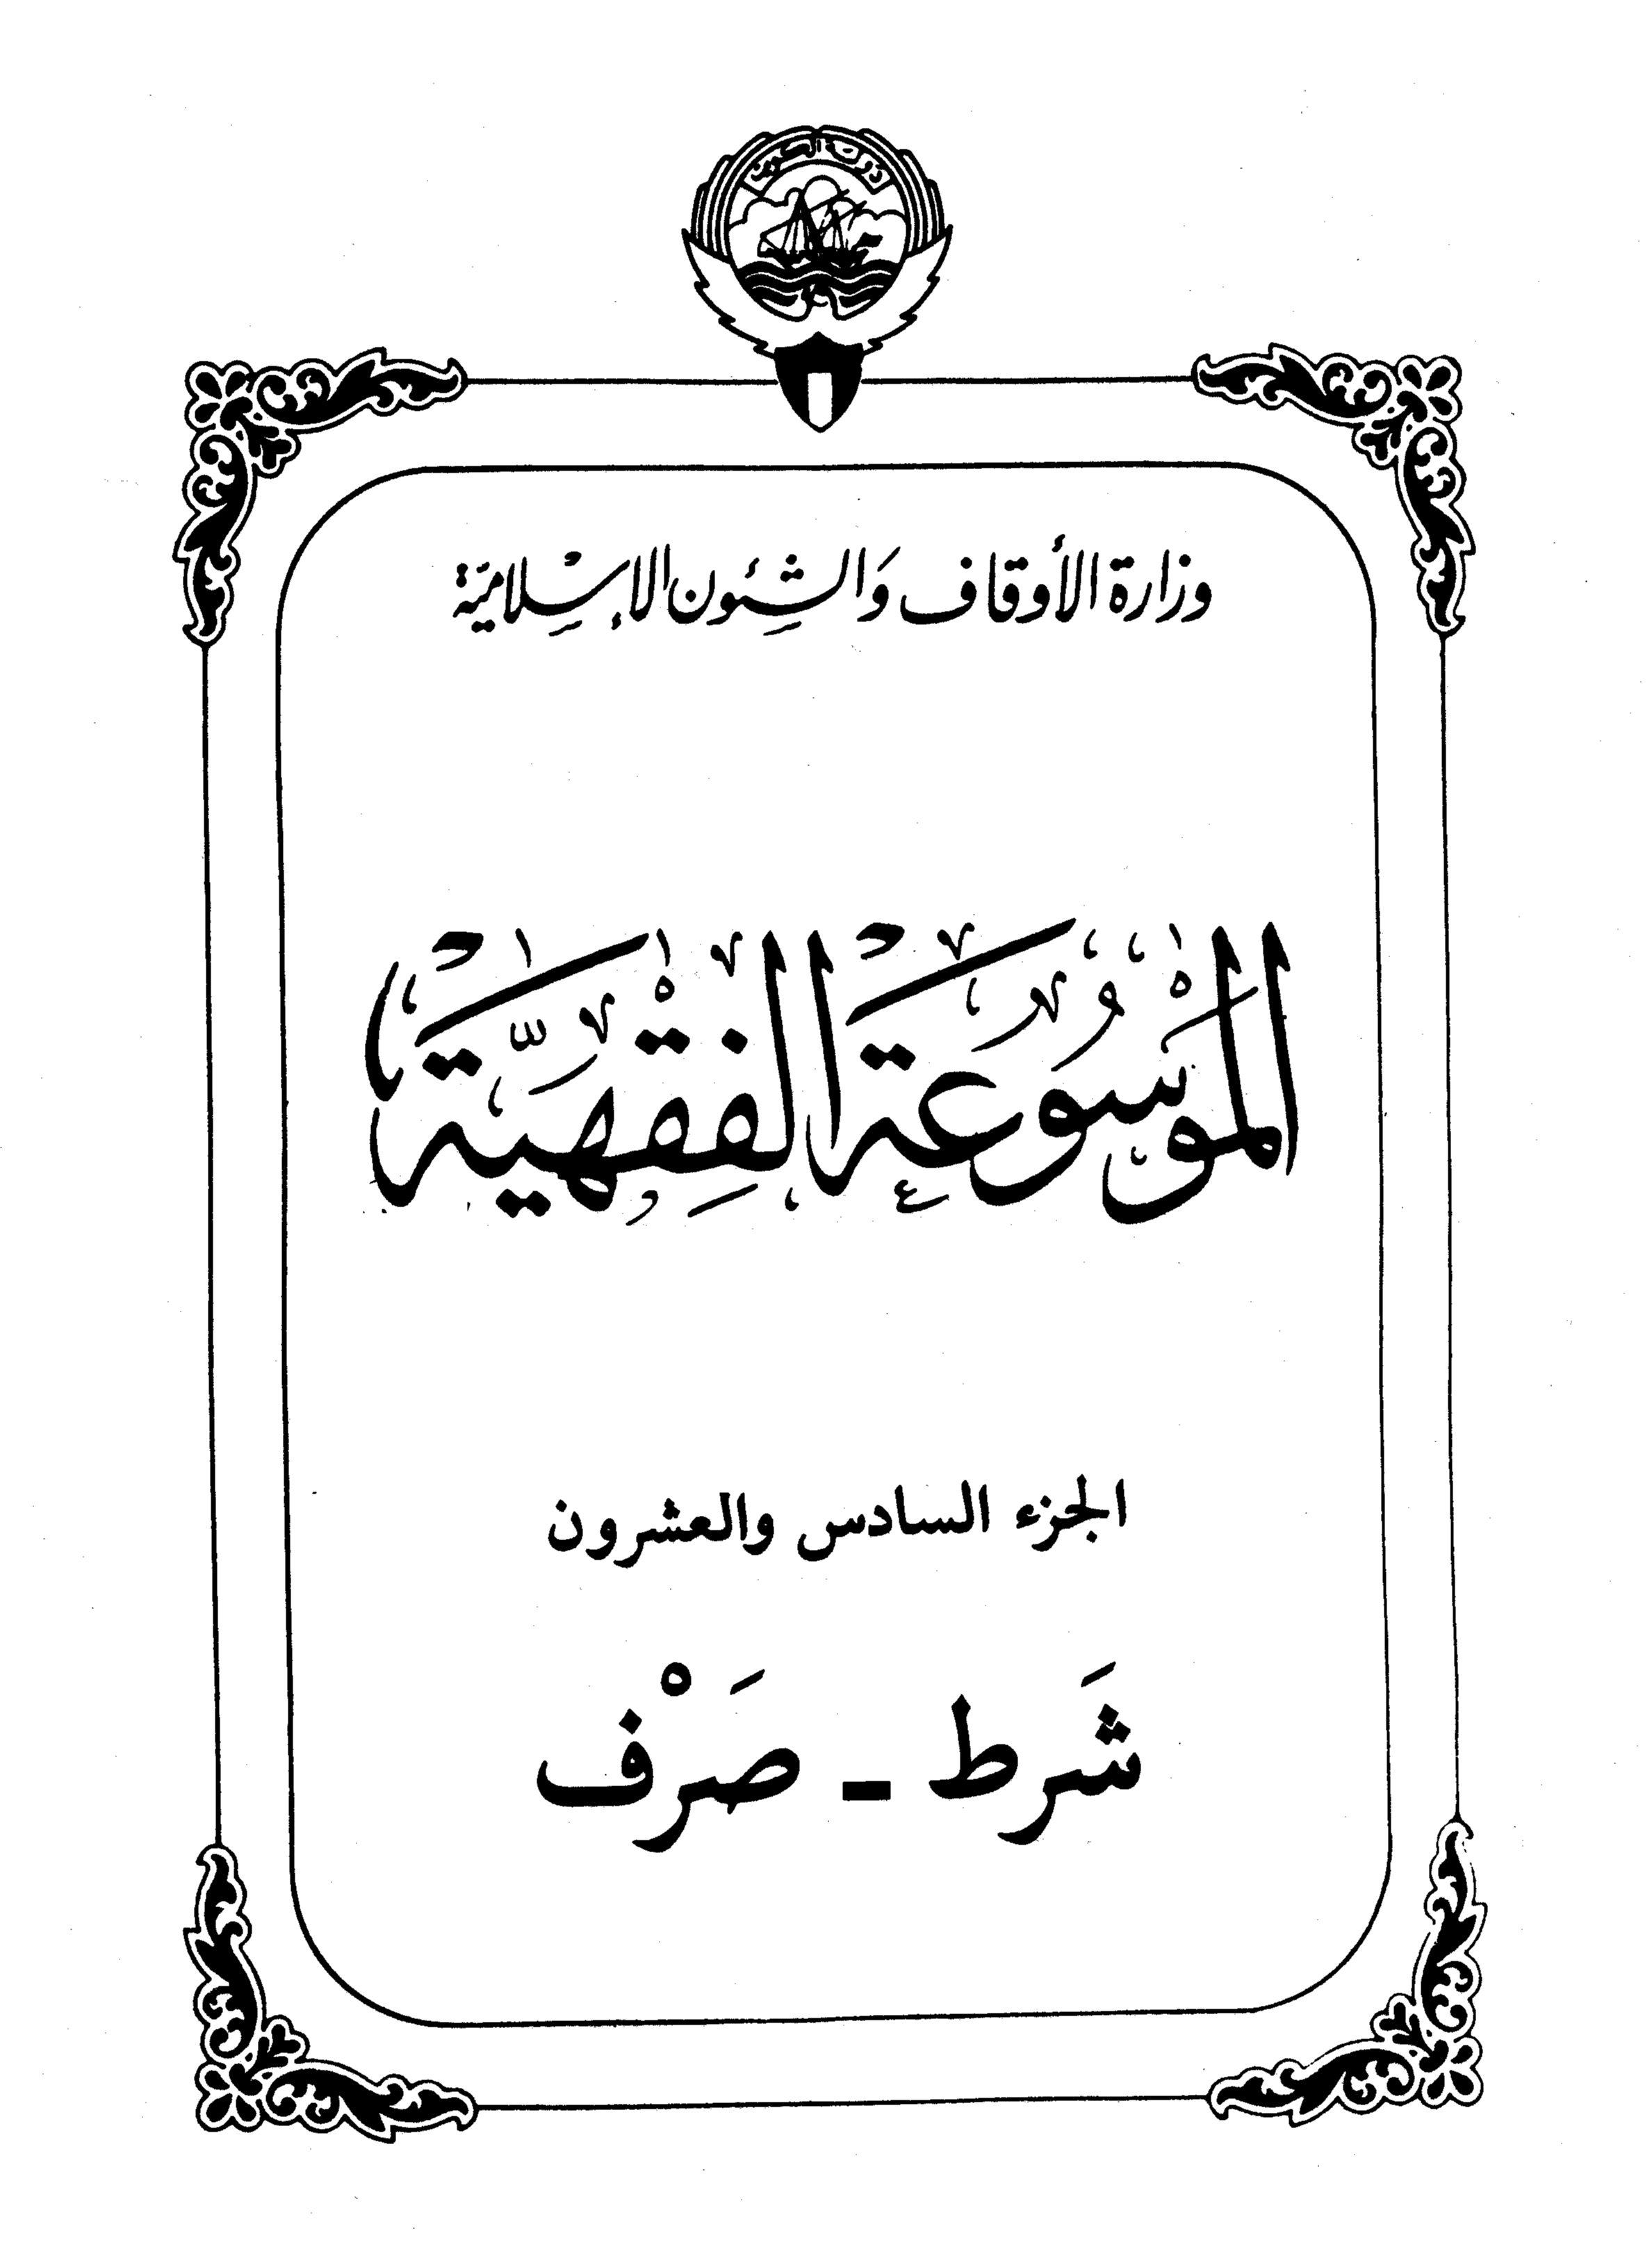 الموسوعة الفقهية الكويتية- الجزء السادس والعشرون (شرط – صرف)